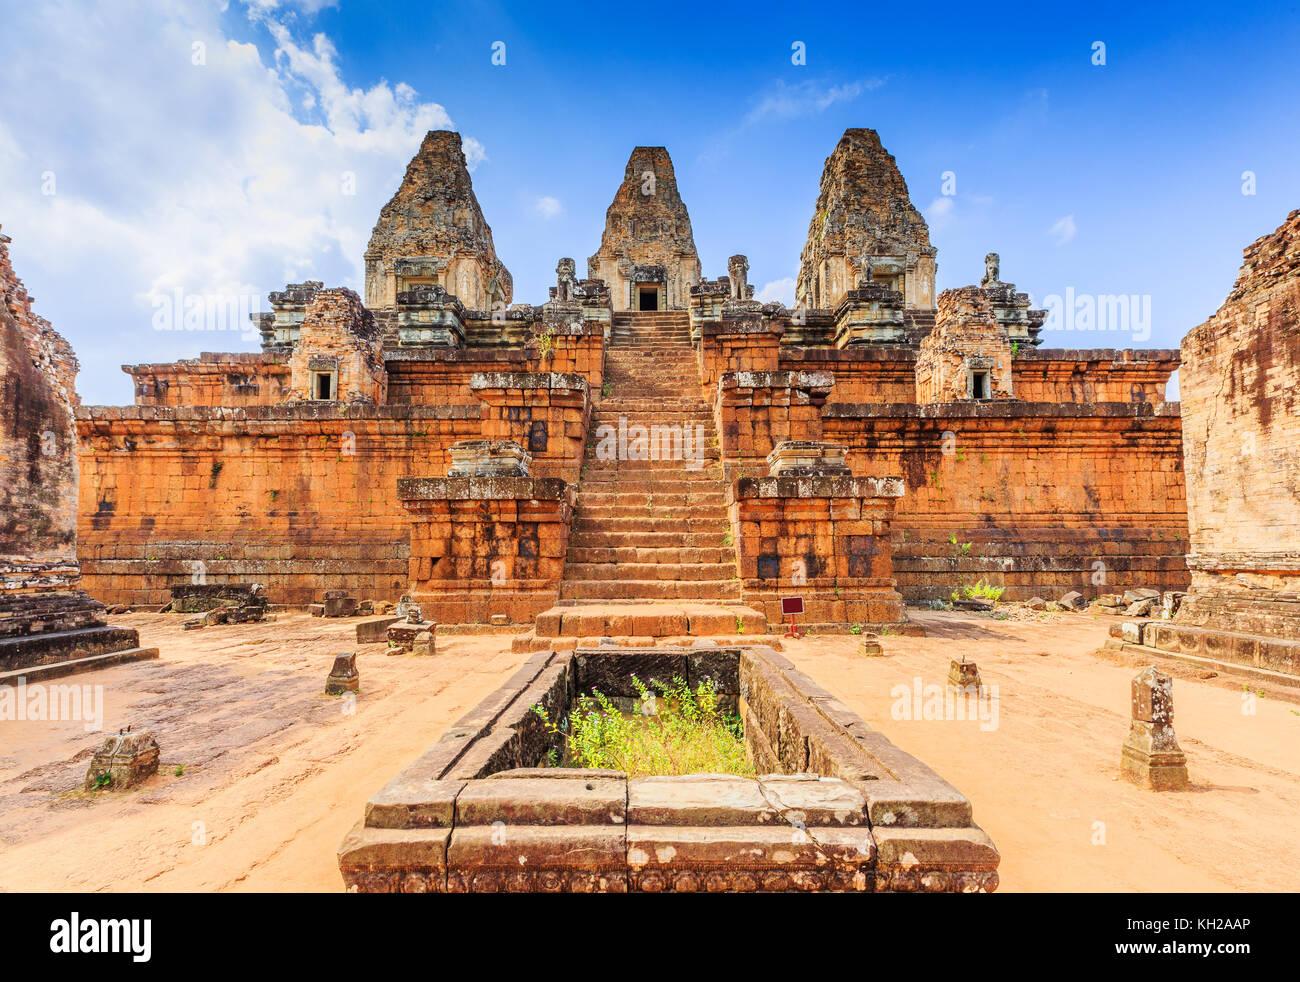 Angkor, Cambogia. Pre Rup tempio. La cisterna e torri centrali. Immagini Stock